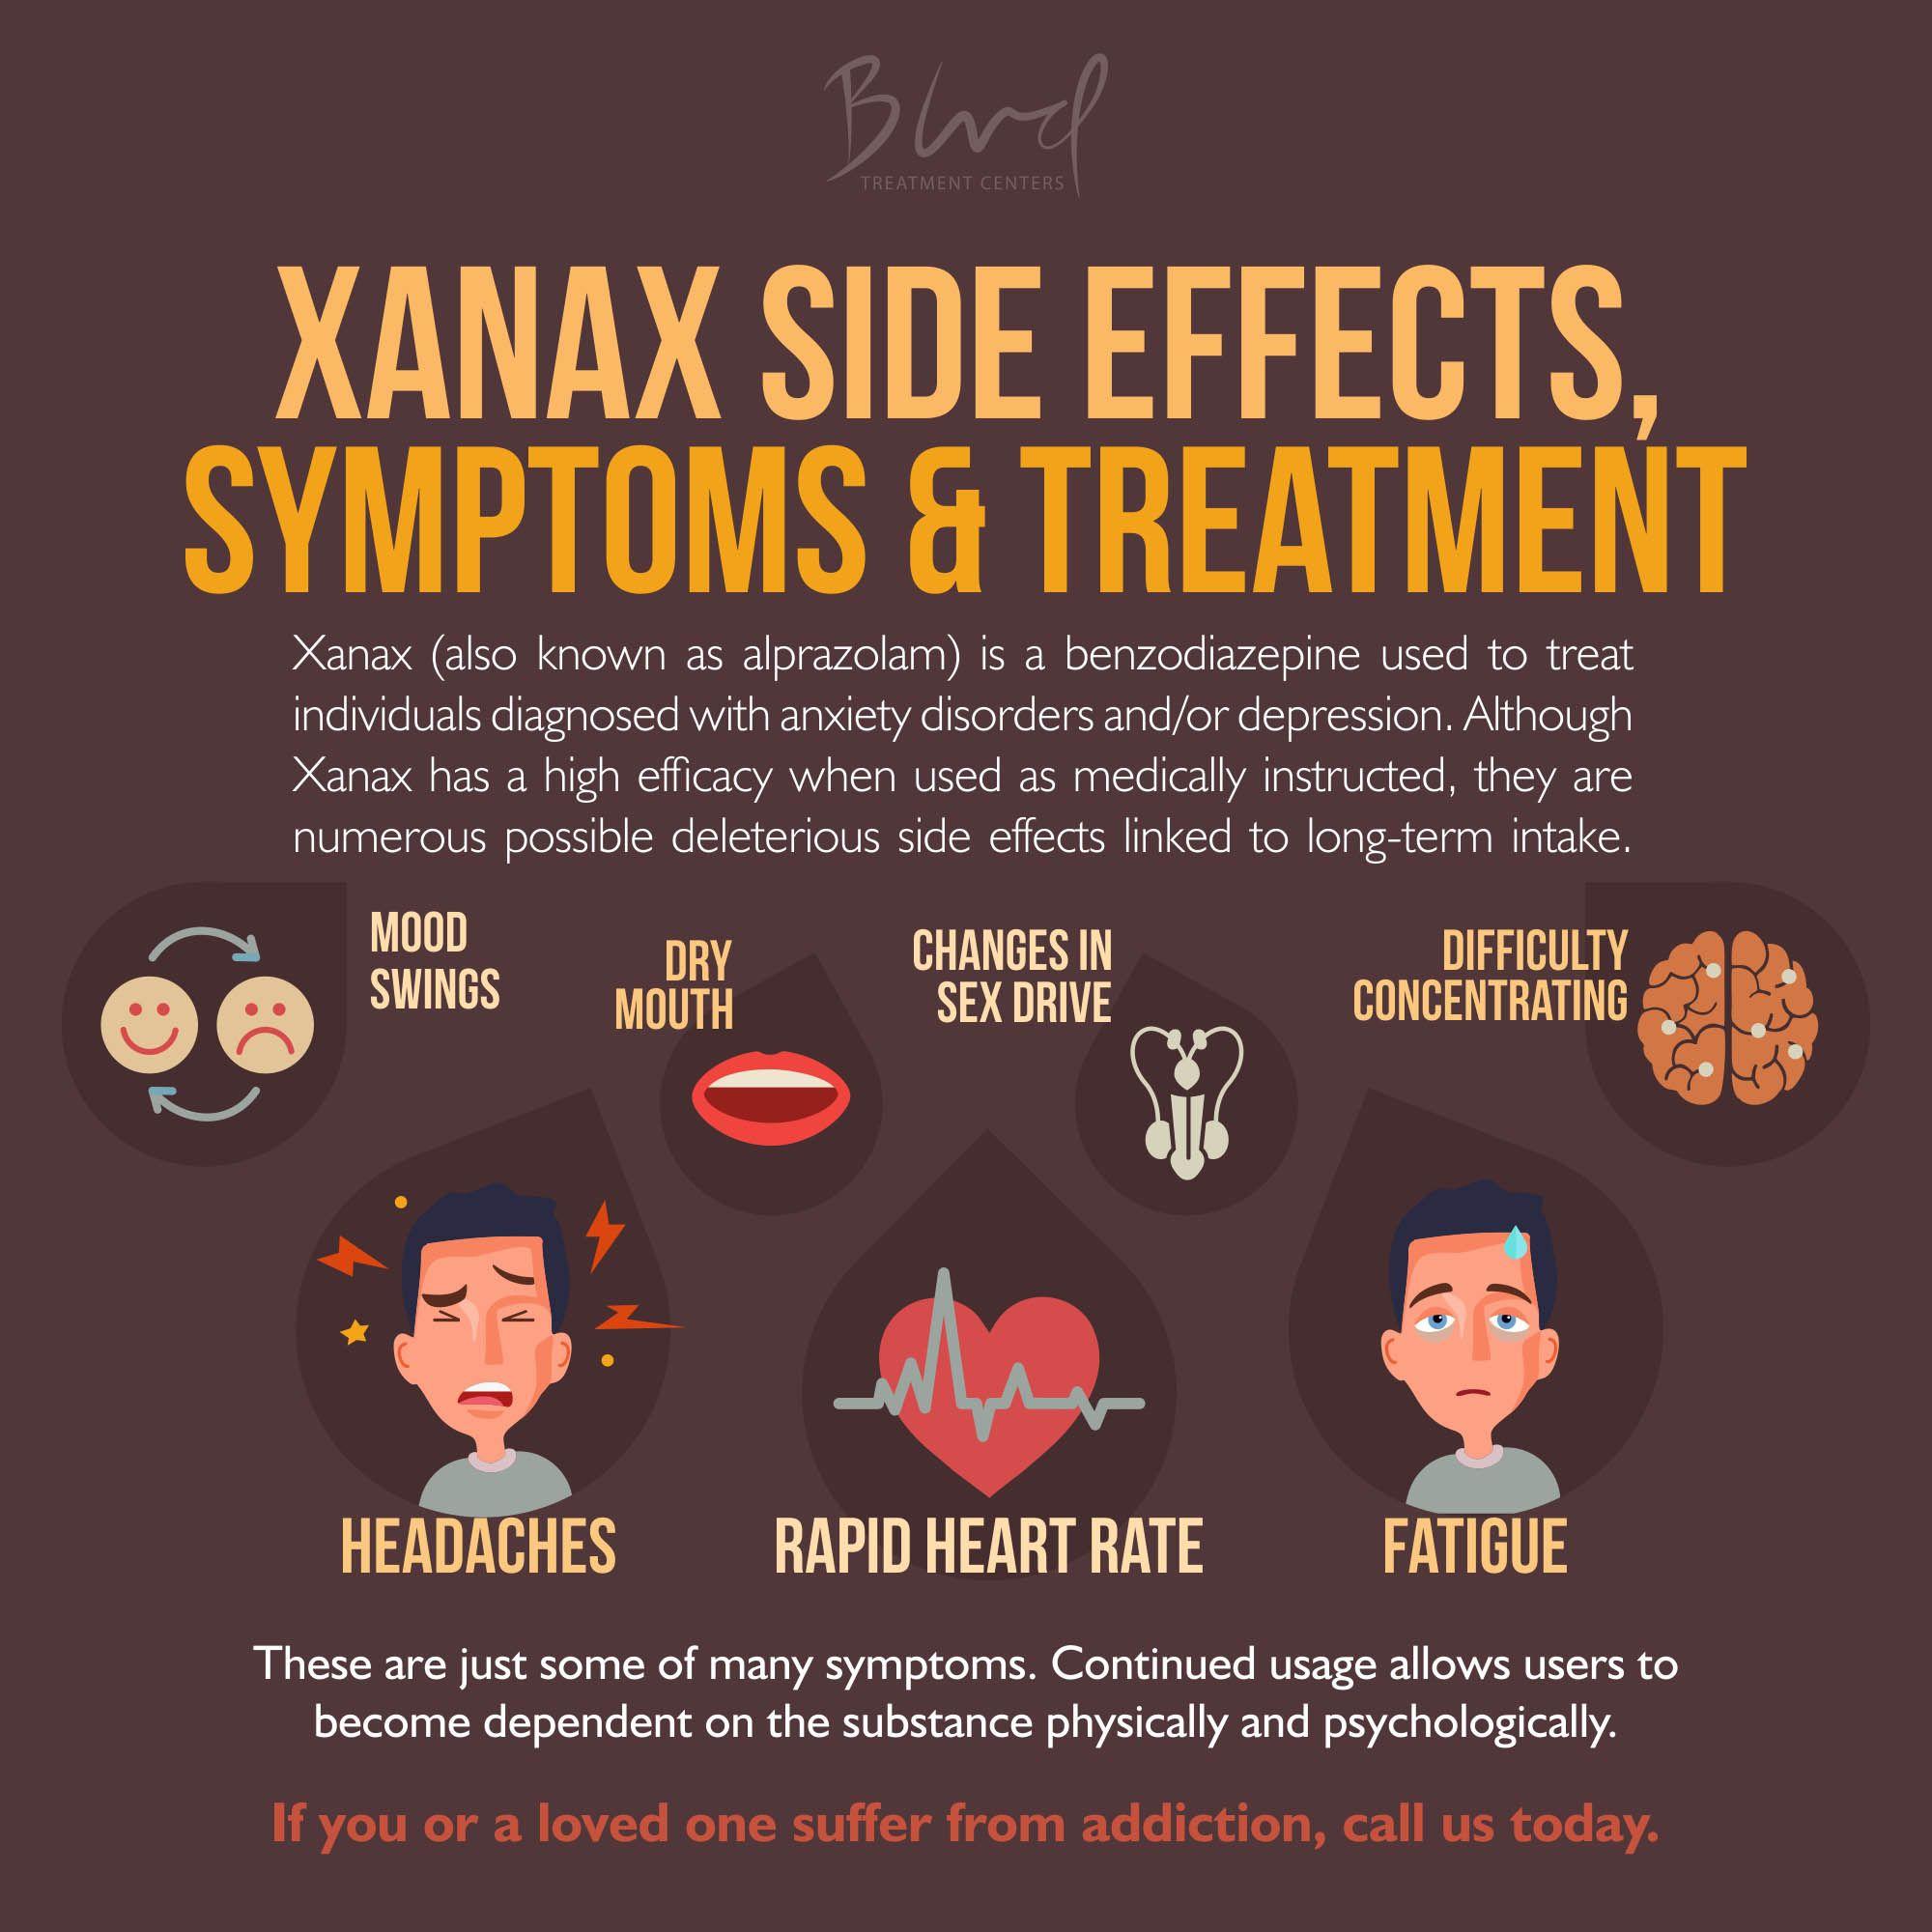 Xanax Symptoms Infographic